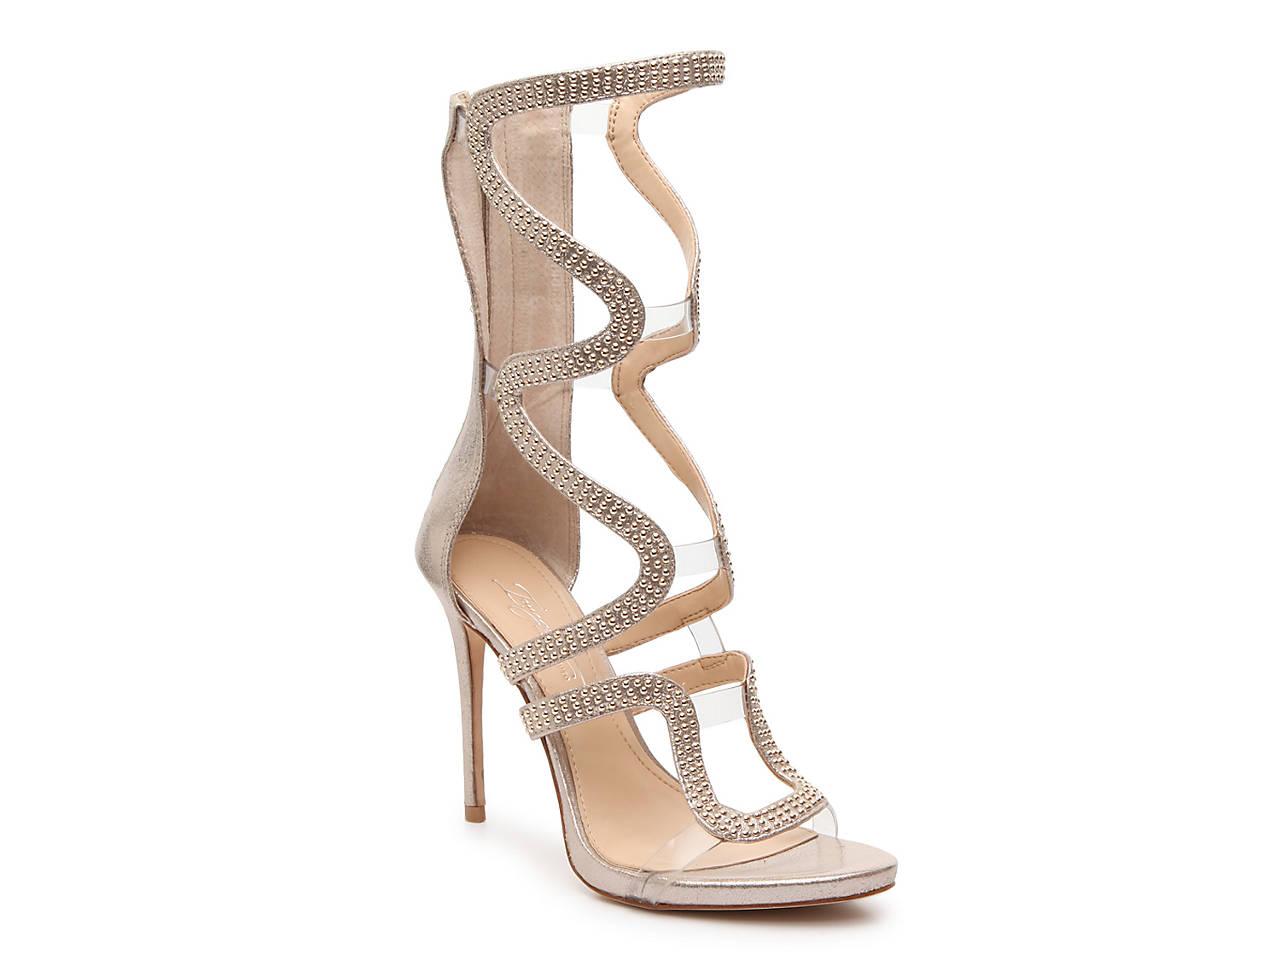 0c31326147c Imagine Vince Camuto Dash Sandal Women s Shoes